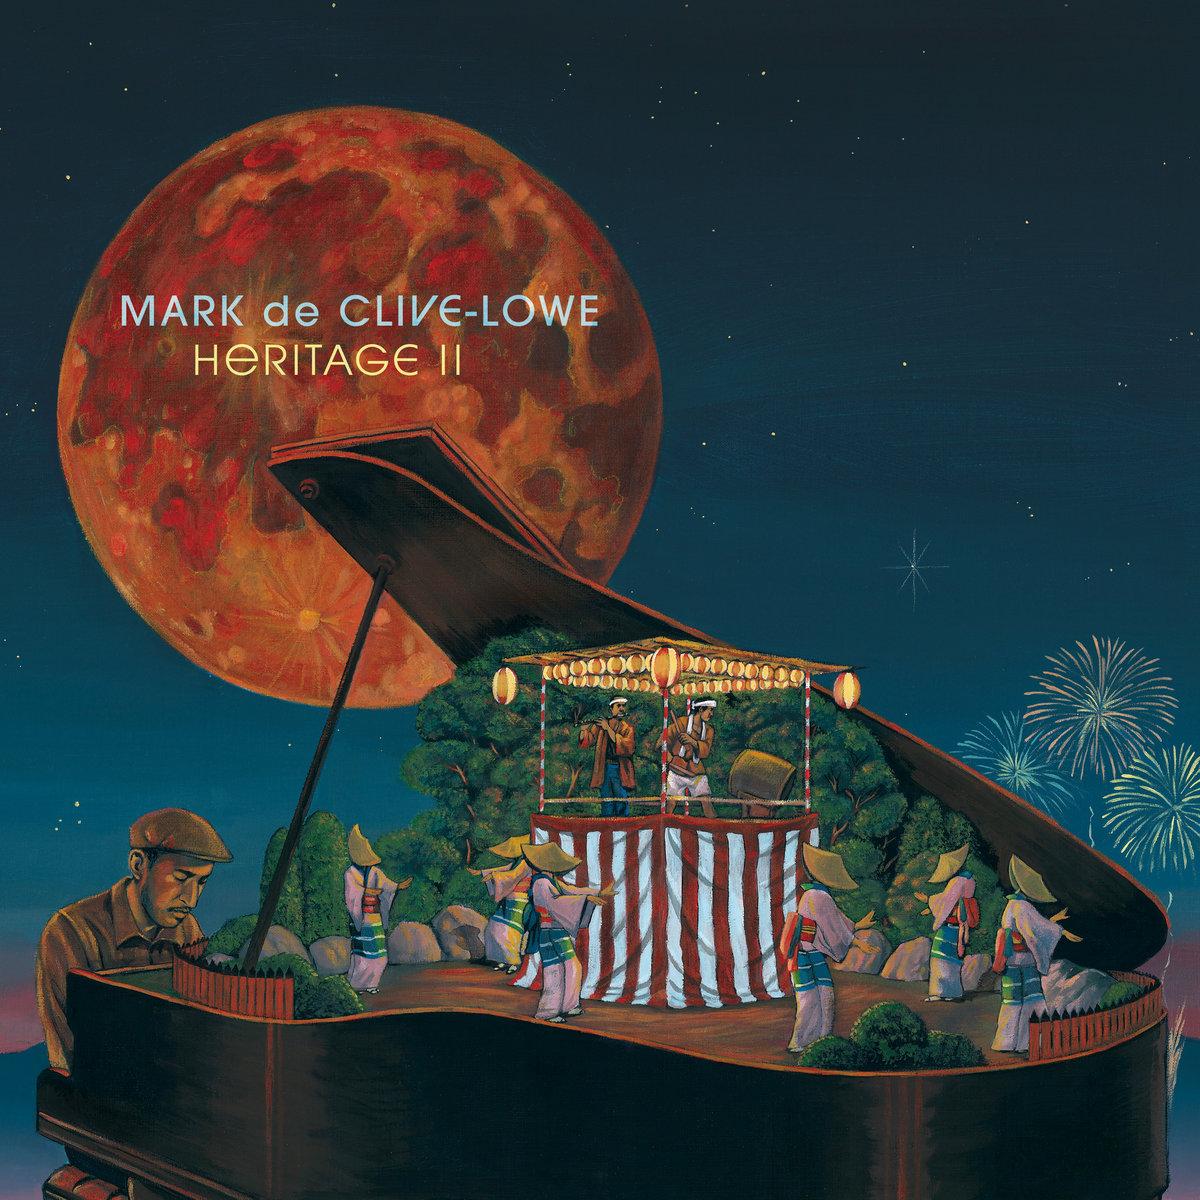 Heritage II | Mark de Clive-Lowe